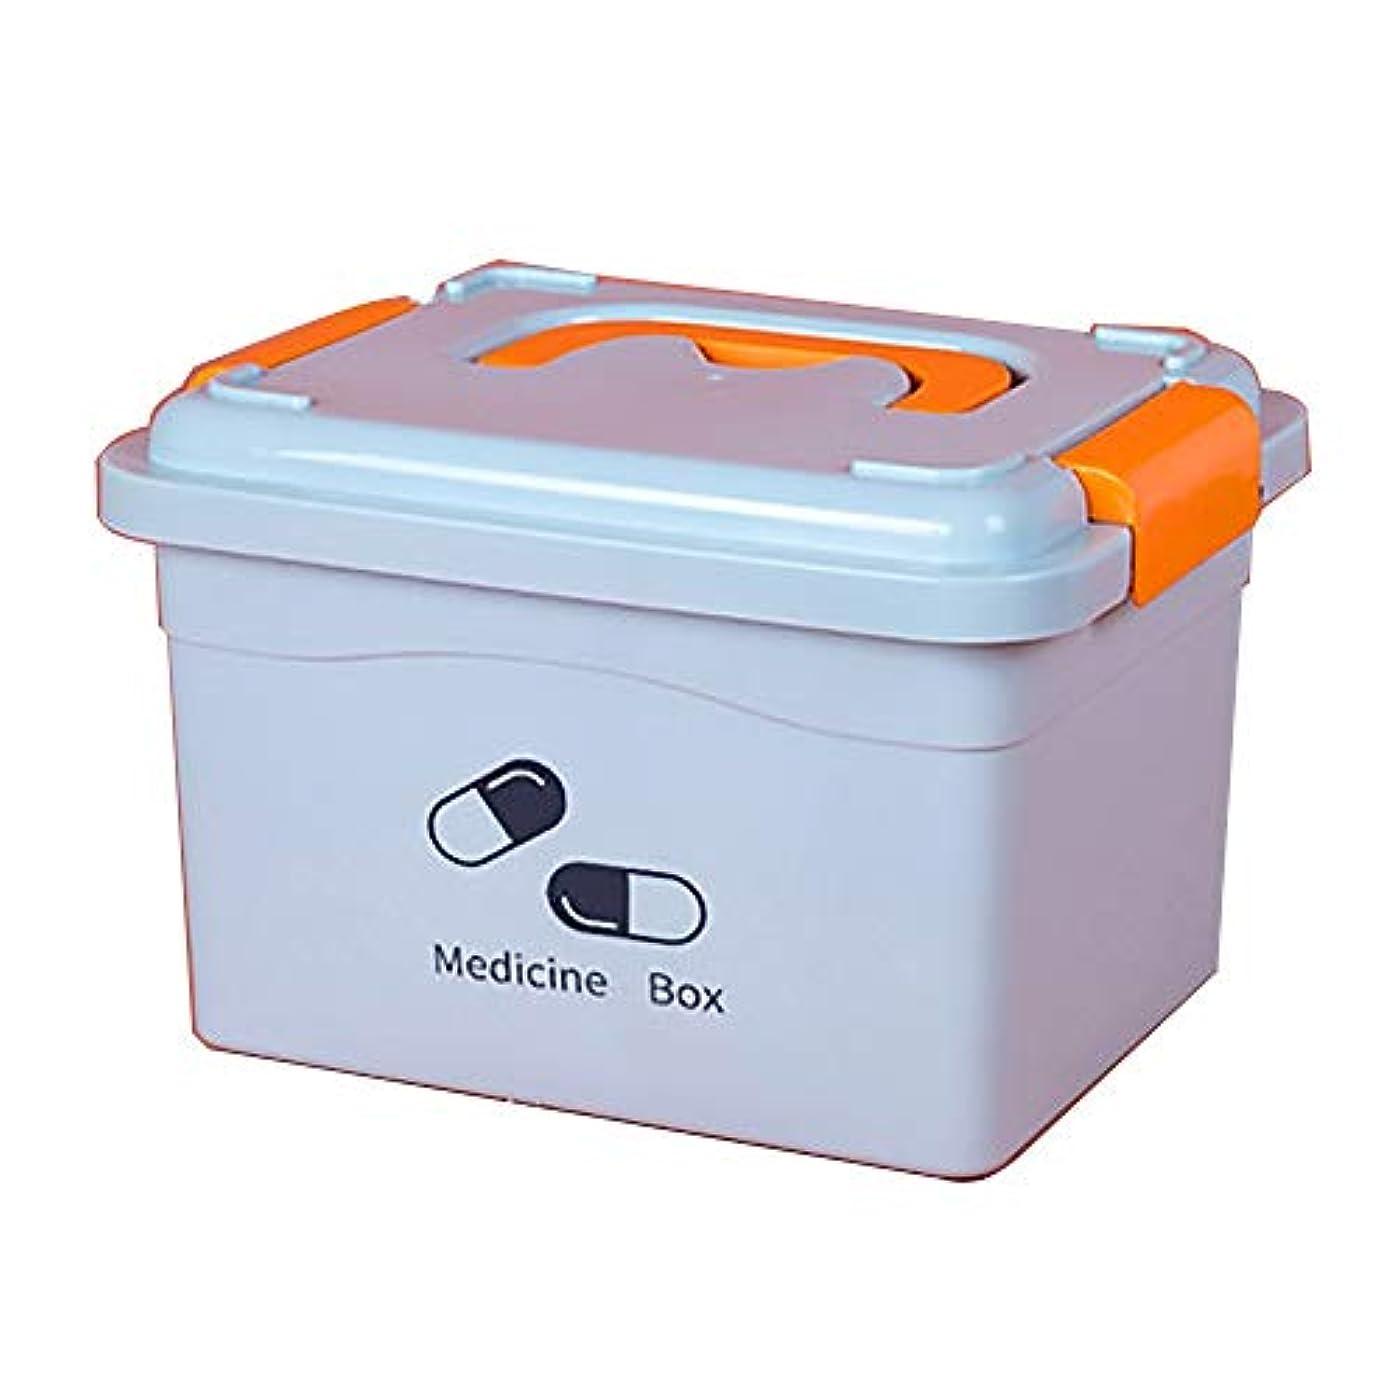 けがをする絶滅無傷ZHILIAN& 救急薬収納ボックスポータブル大容量家庭用プラスチックこども用薬箱多層収納ボックス (Color : Blue, Size : 21.5x19x13.5cm)